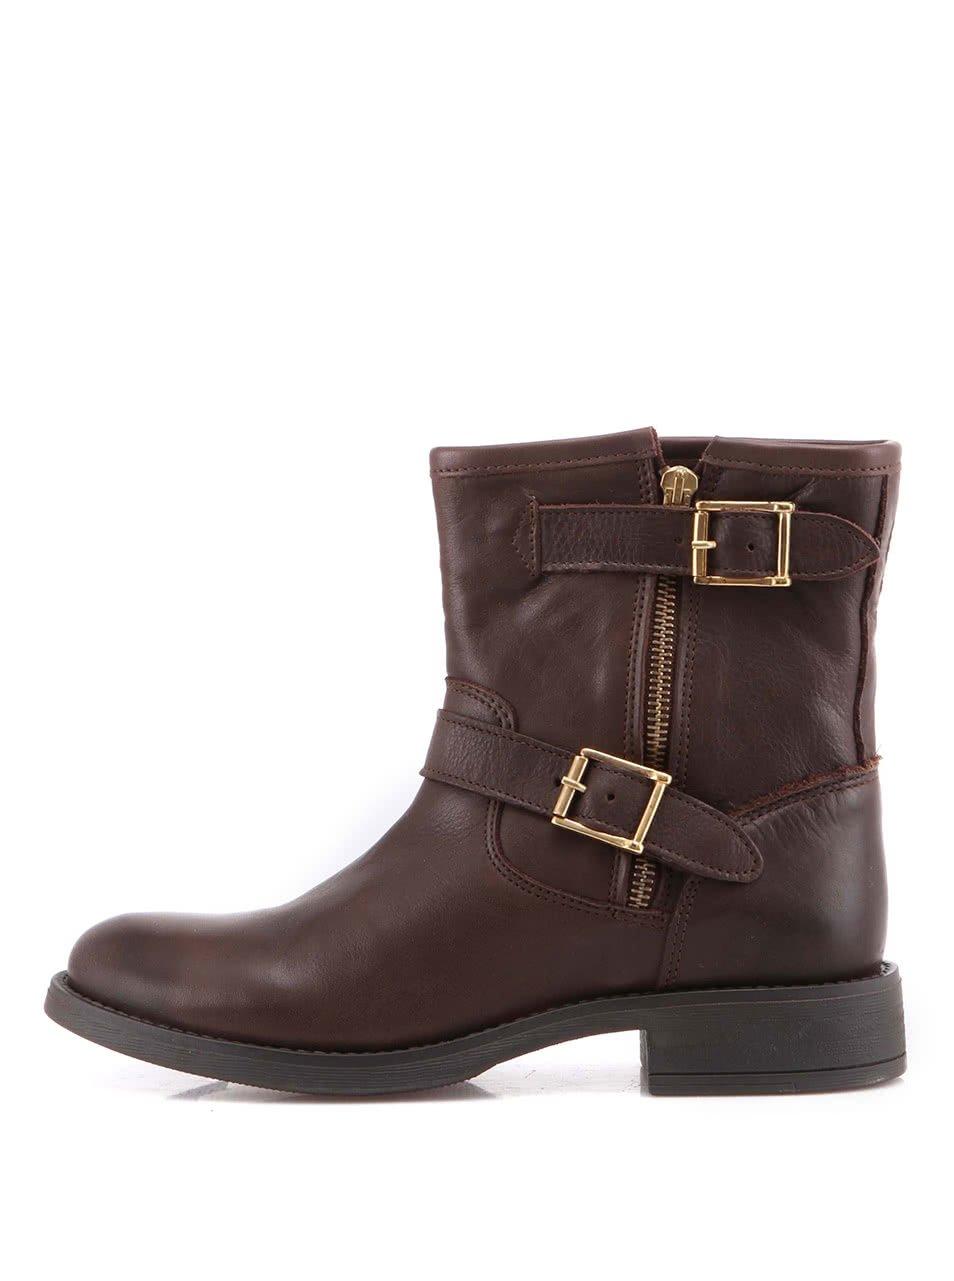 Tmavě hnědé kožené boty s přezkami Pieces Iza c0961f48cc